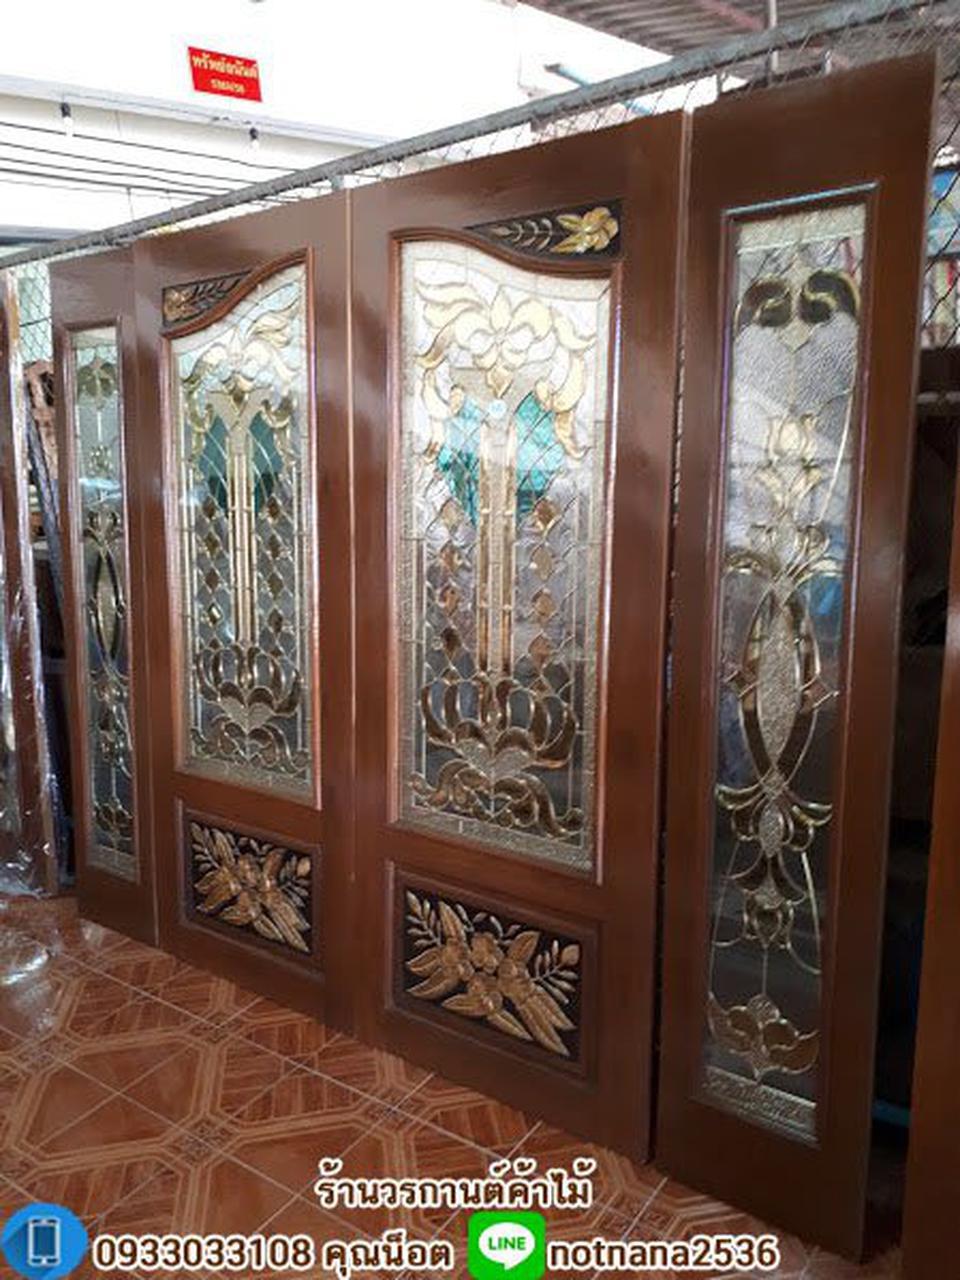 ร้านวรกานต์ค้าไม้ จำหน่าย ประตูไม้สัก กระจกนิรภัย,ประตูบานเลื่อนไม้สัก รูปที่ 5